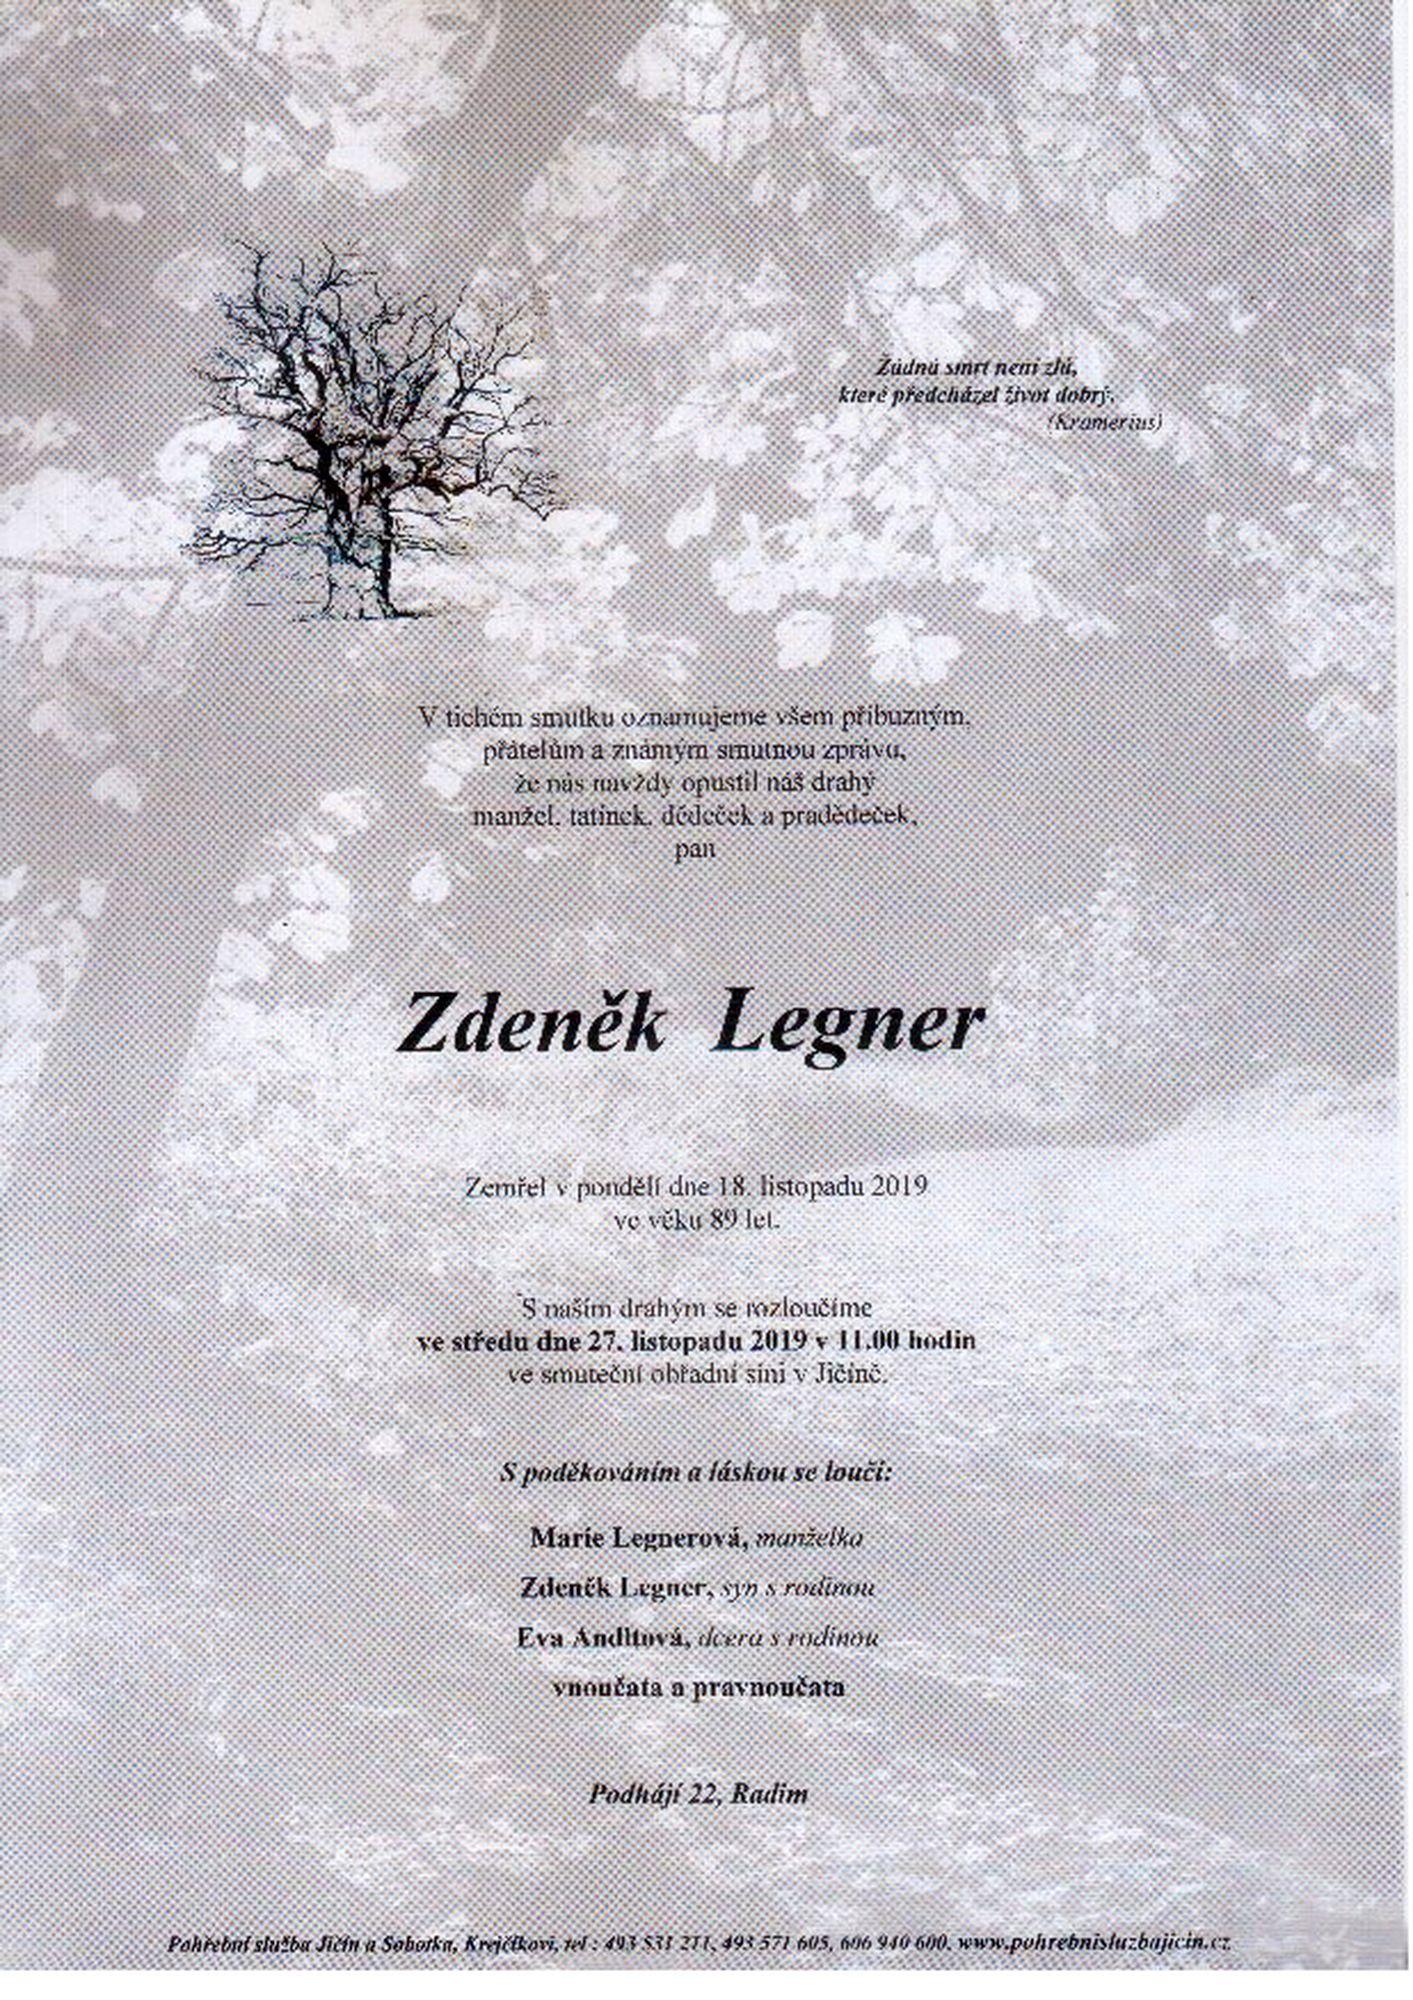 Zdeněk Legner